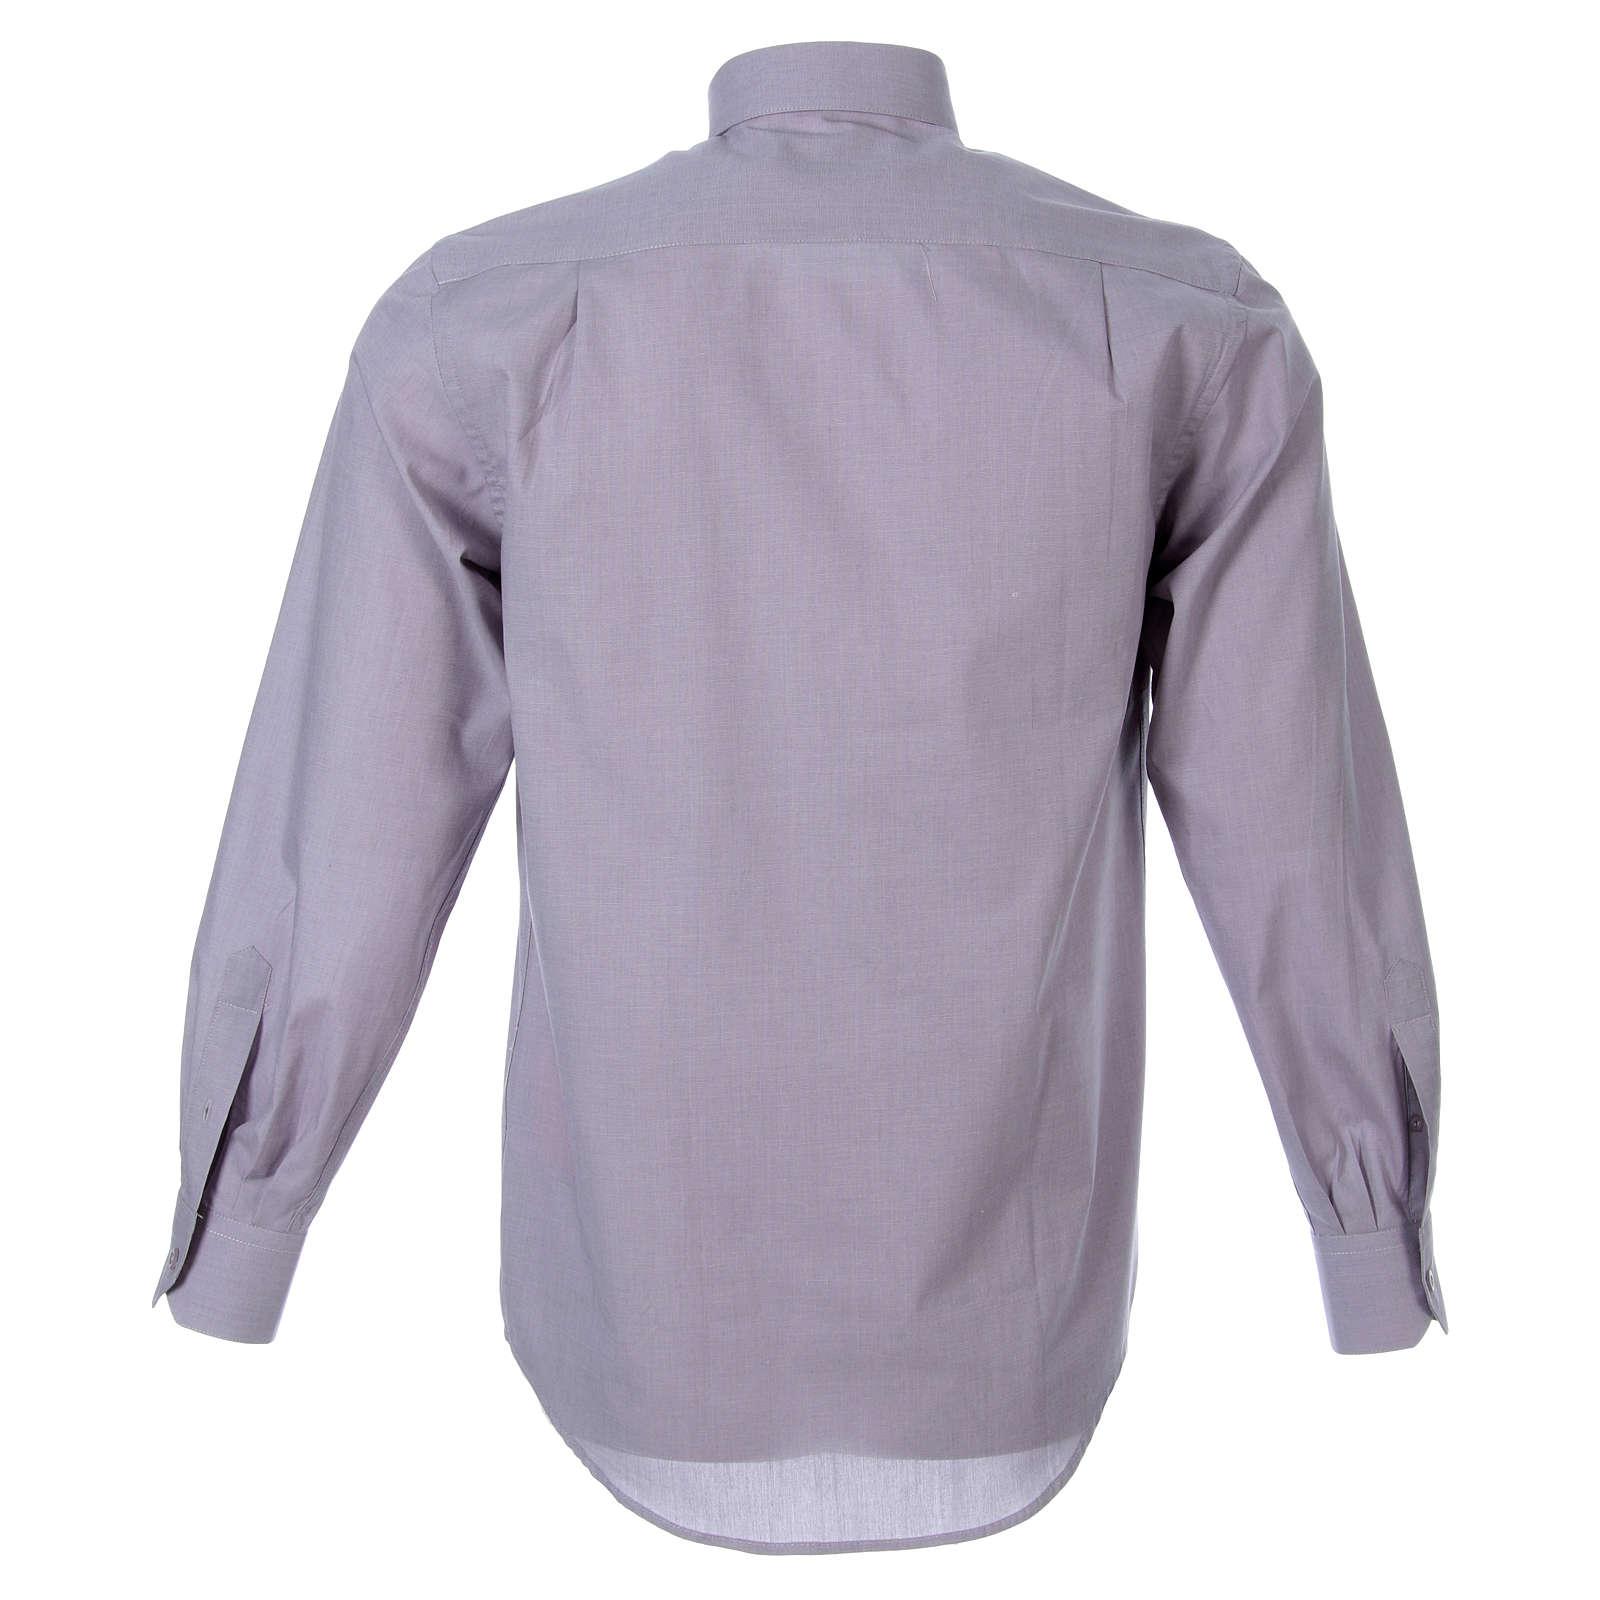 STOCK Camicia clergy manica lunga filafil grigio chiaro 4